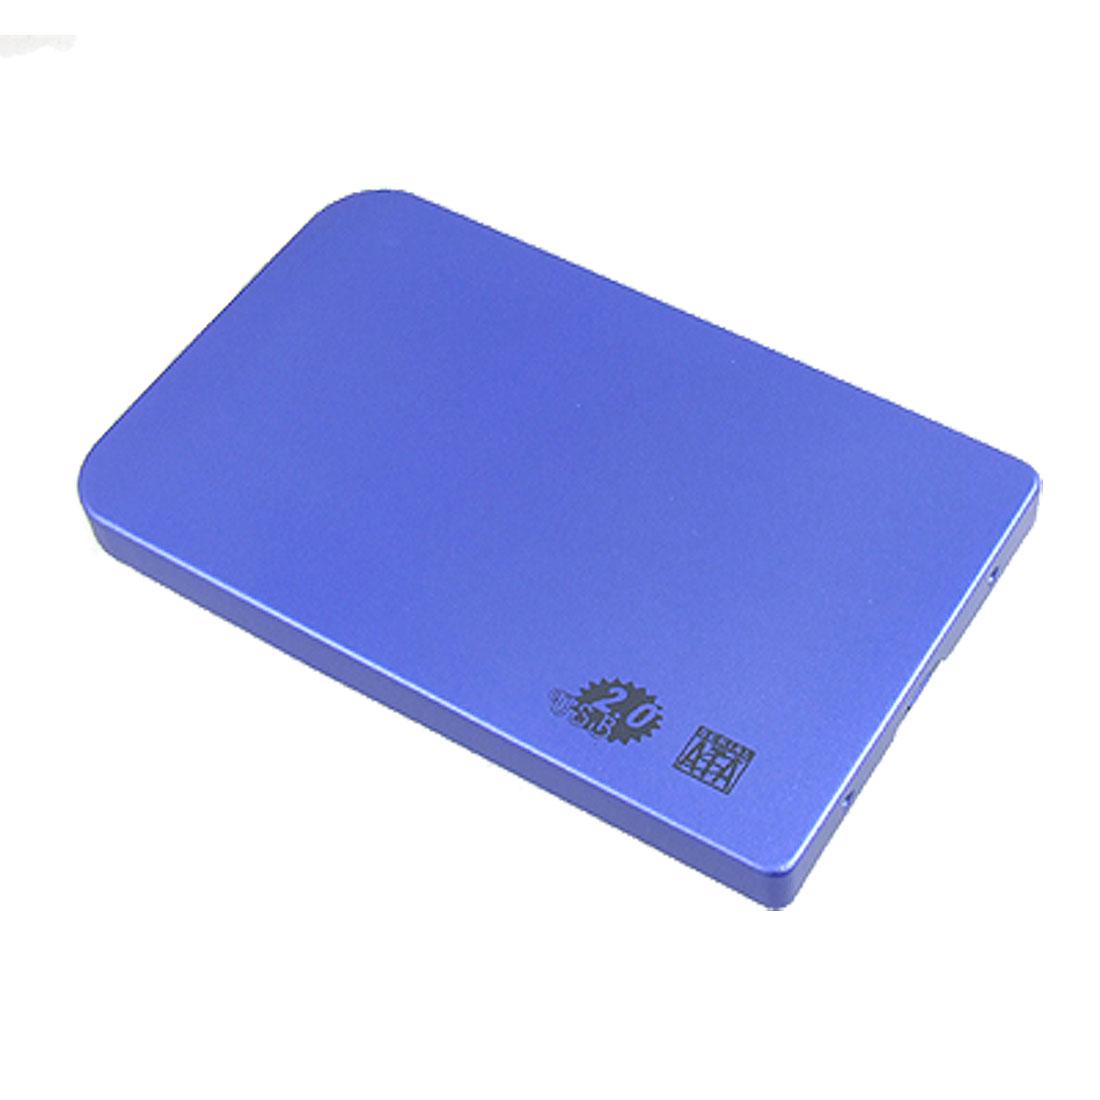 """New 2.5"""" IDE Aluminum HDD Hard Drive Enclosure USB 2.0 External Case Box"""